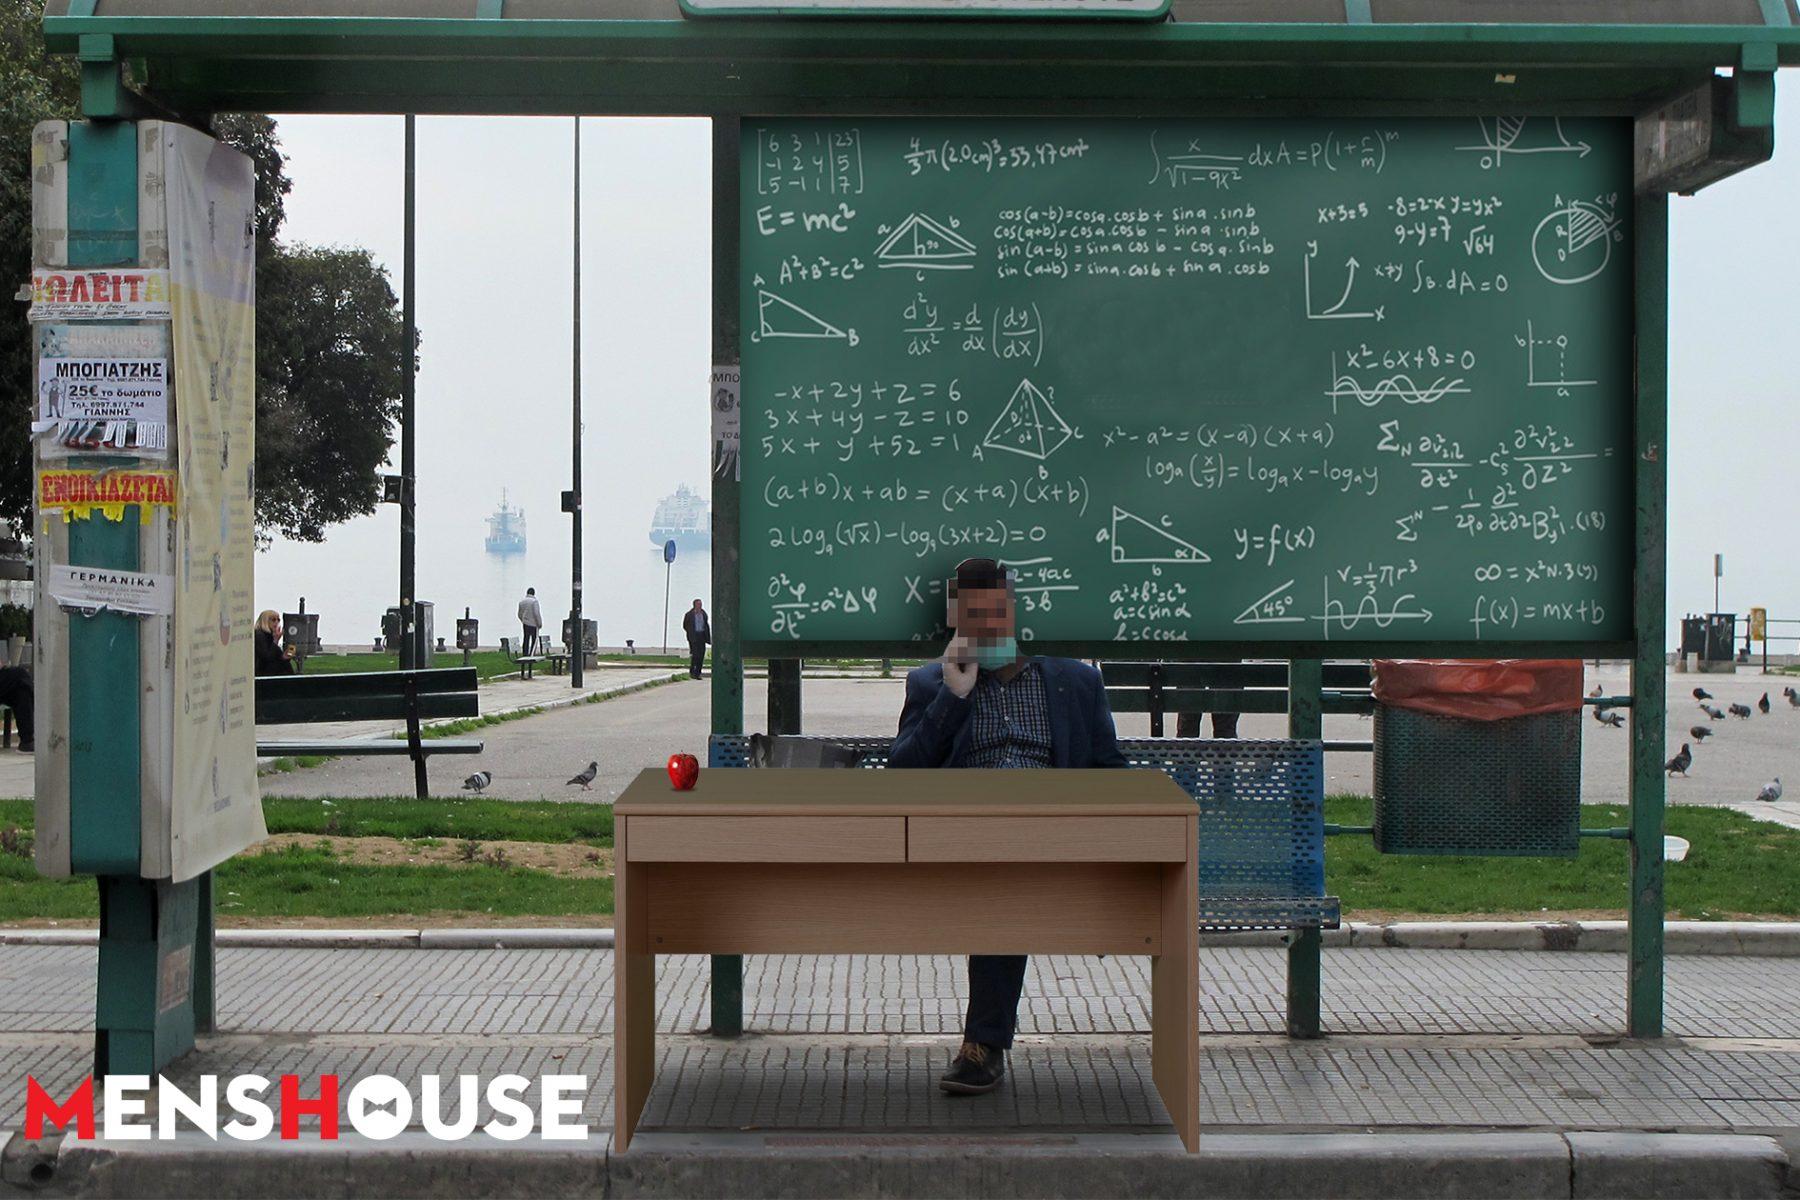 Κίνηση-ματ: Έτσι θα μπαίνουν οι πολίτες στα ΜΜΜ μετά τα νέα μέτρα (Pics)